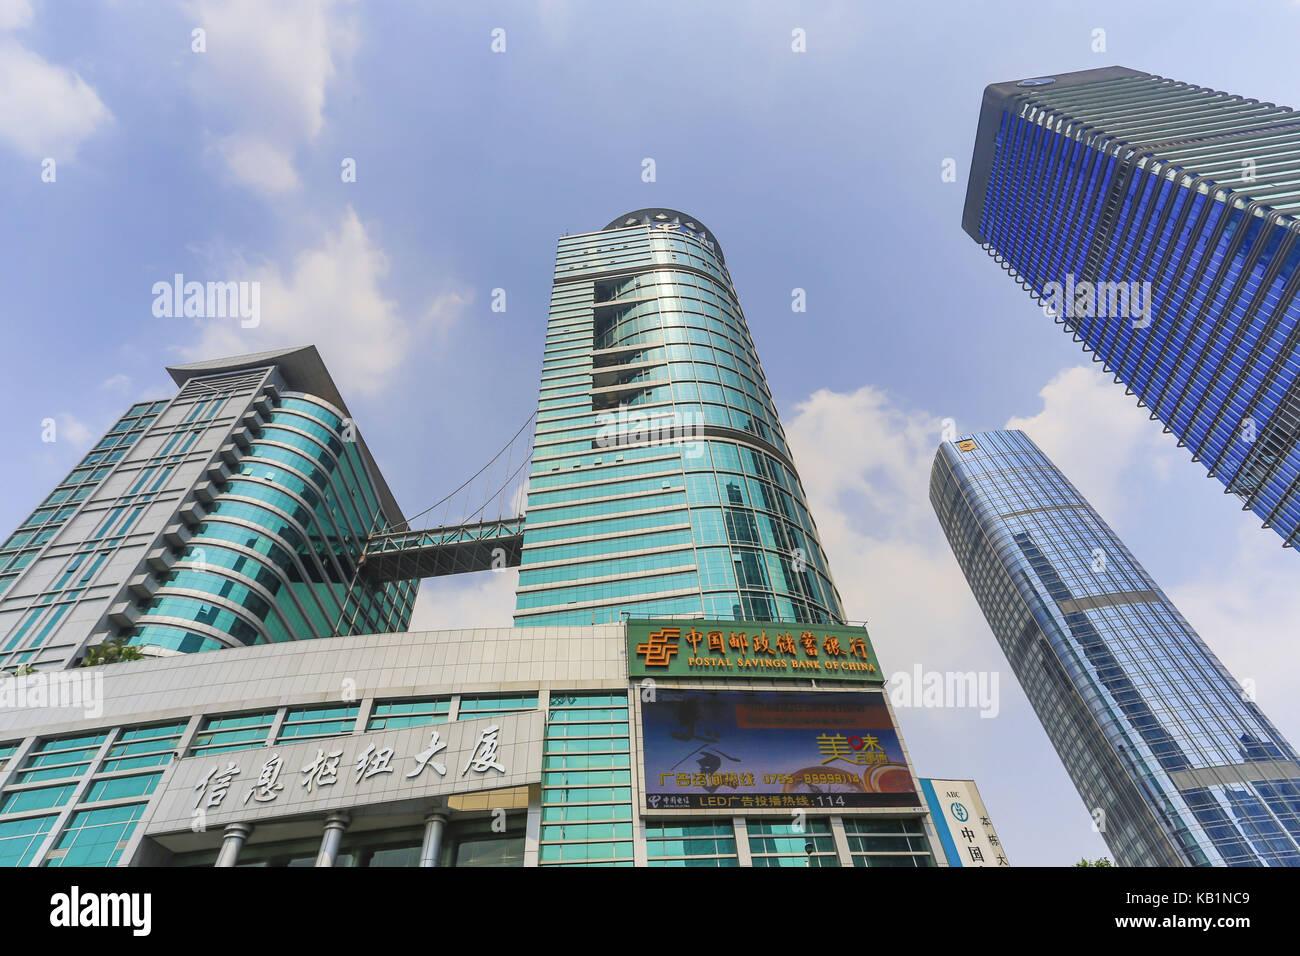 High rises Futian Becoming, Shenzhen, - Stock Image